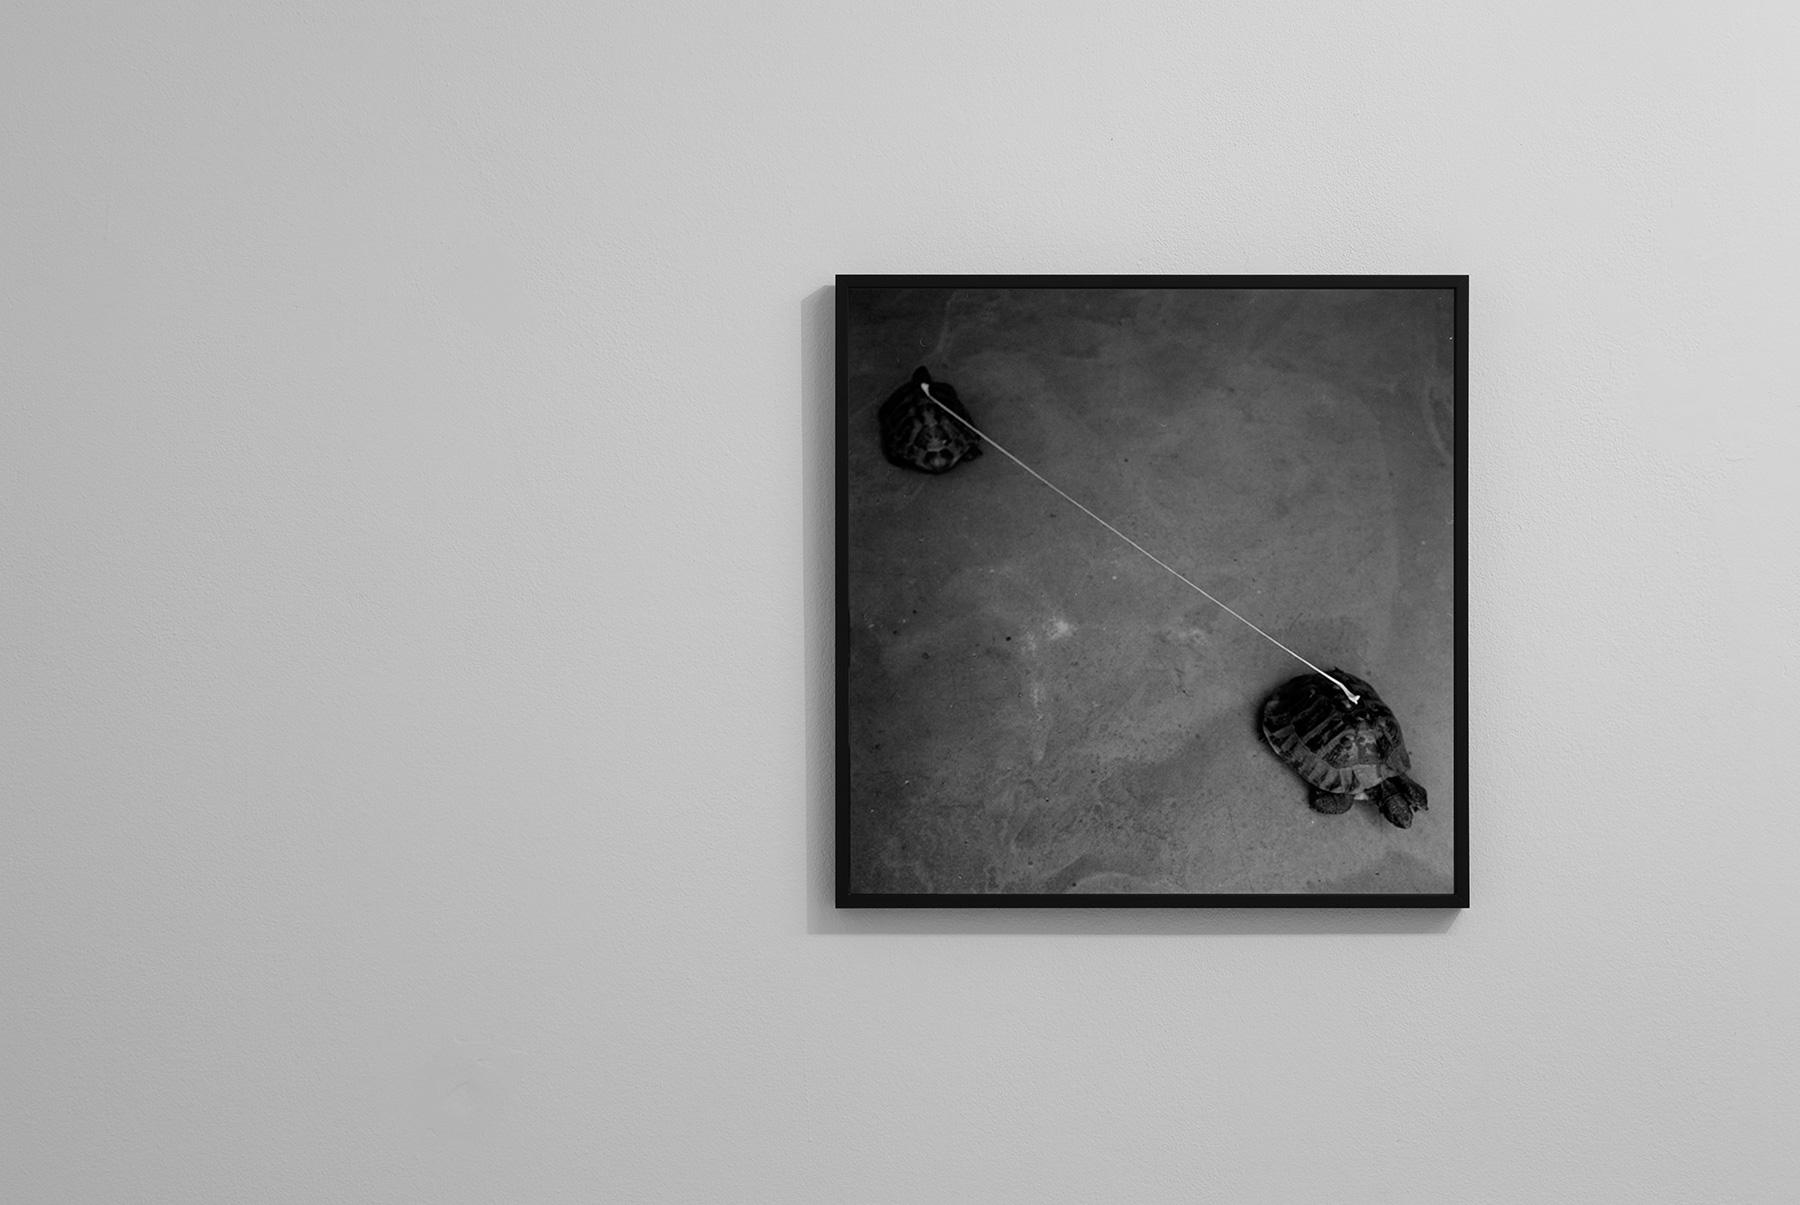 09-graziano-folata-slow-distance-stampa-fotografica-fine-art-digitale-da-negativo-analogico-50x50-ed6-2013-ab-ph-mauro-prandelli